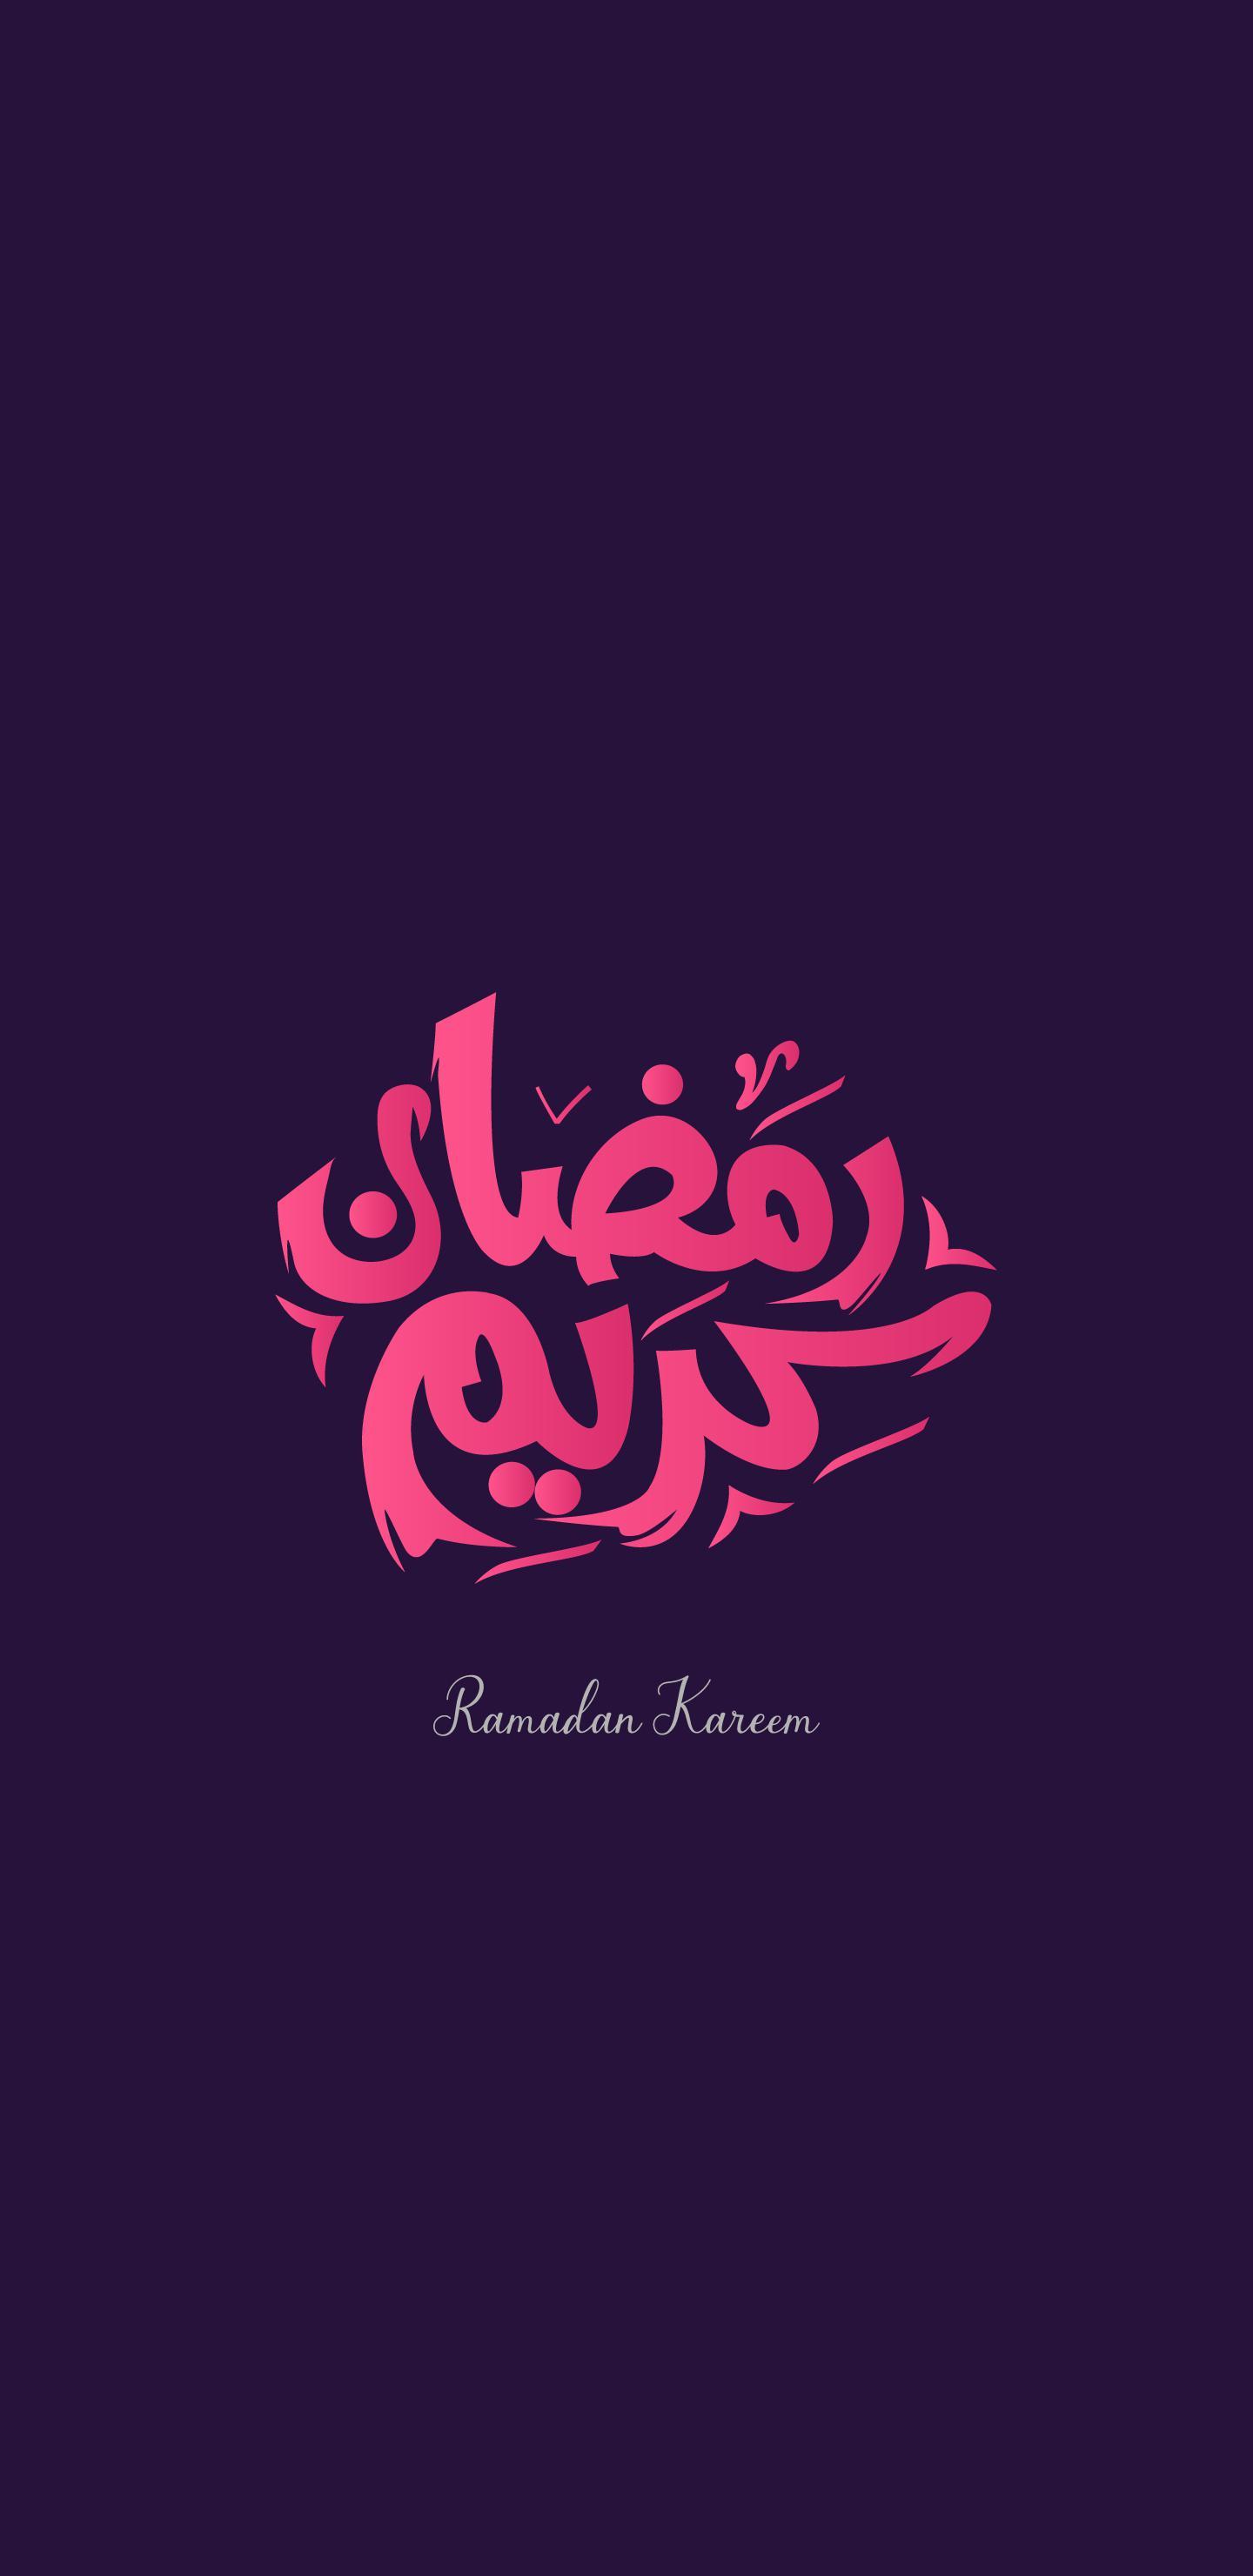 عکس ماه رمضان دخترونه فانتزی